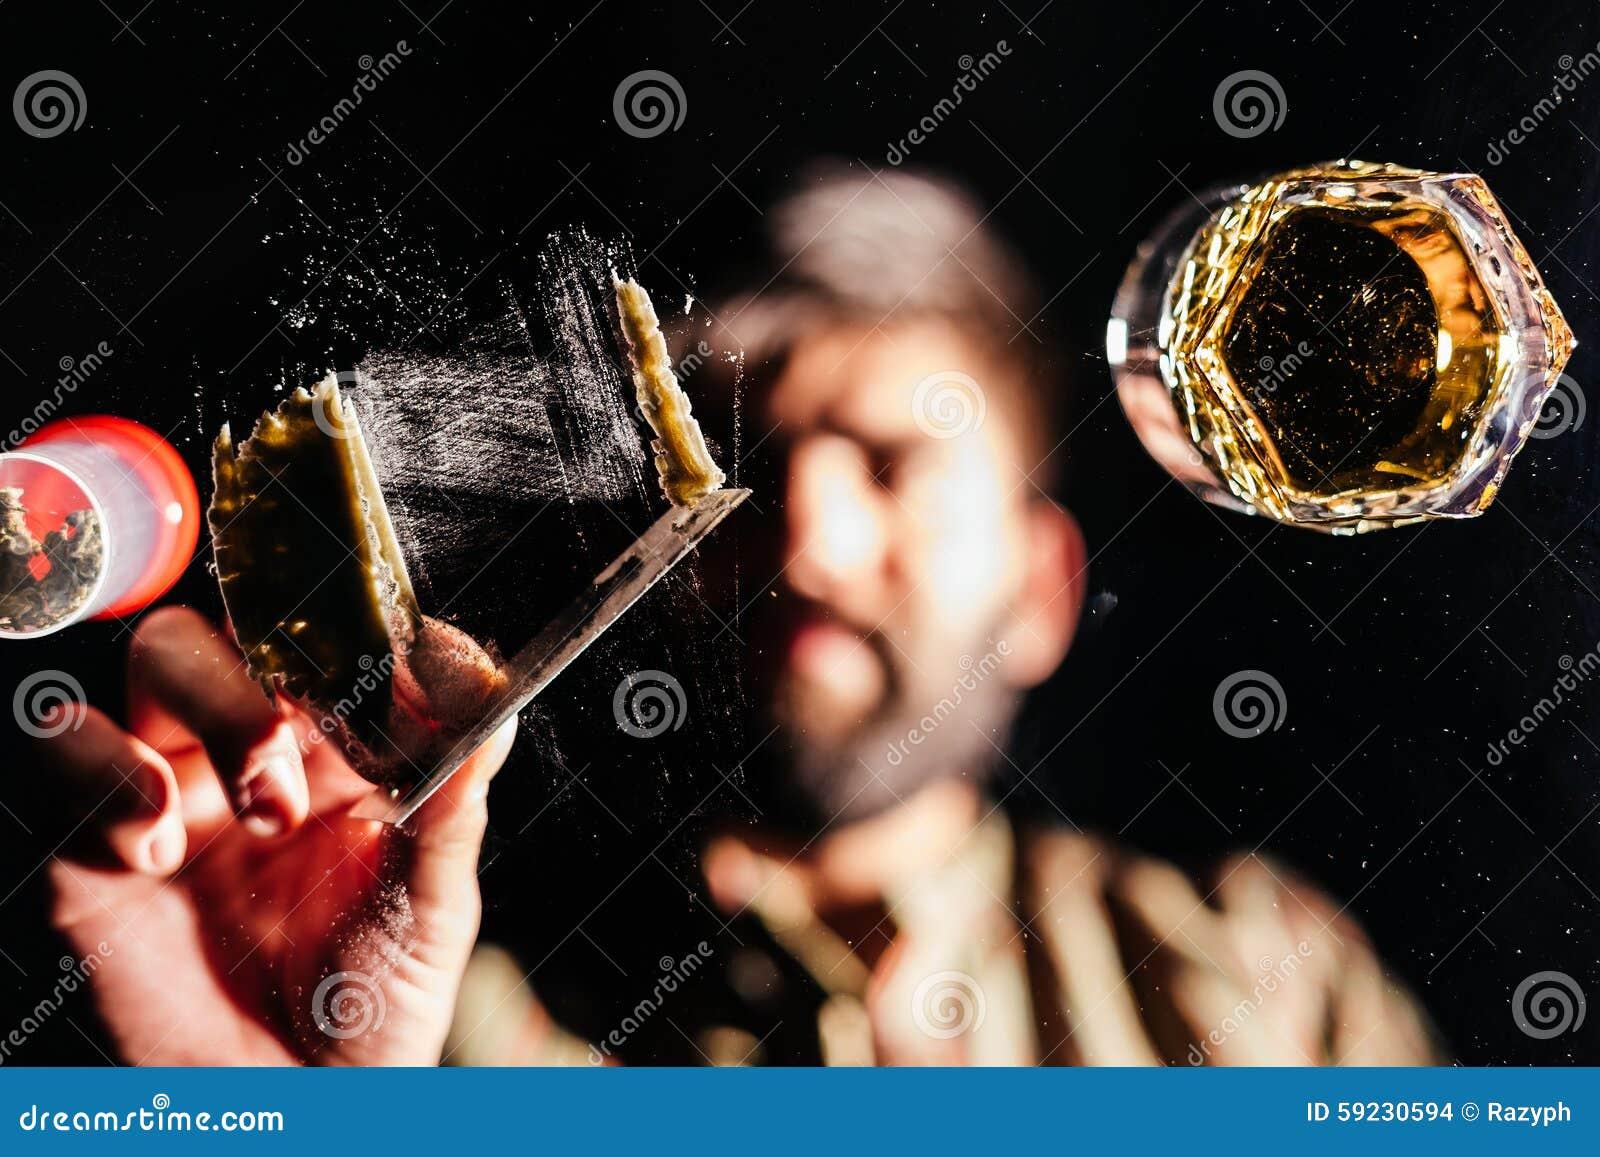 Download Hombre Que Prepara La Cocaína Foto de archivo - Imagen de estudio, desesperado: 59230594